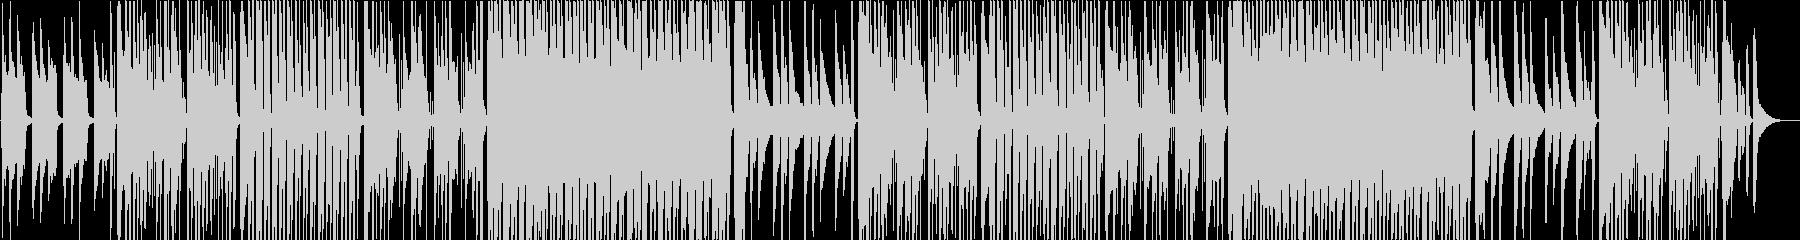 洋風民謡、おだやか/カラオケの未再生の波形